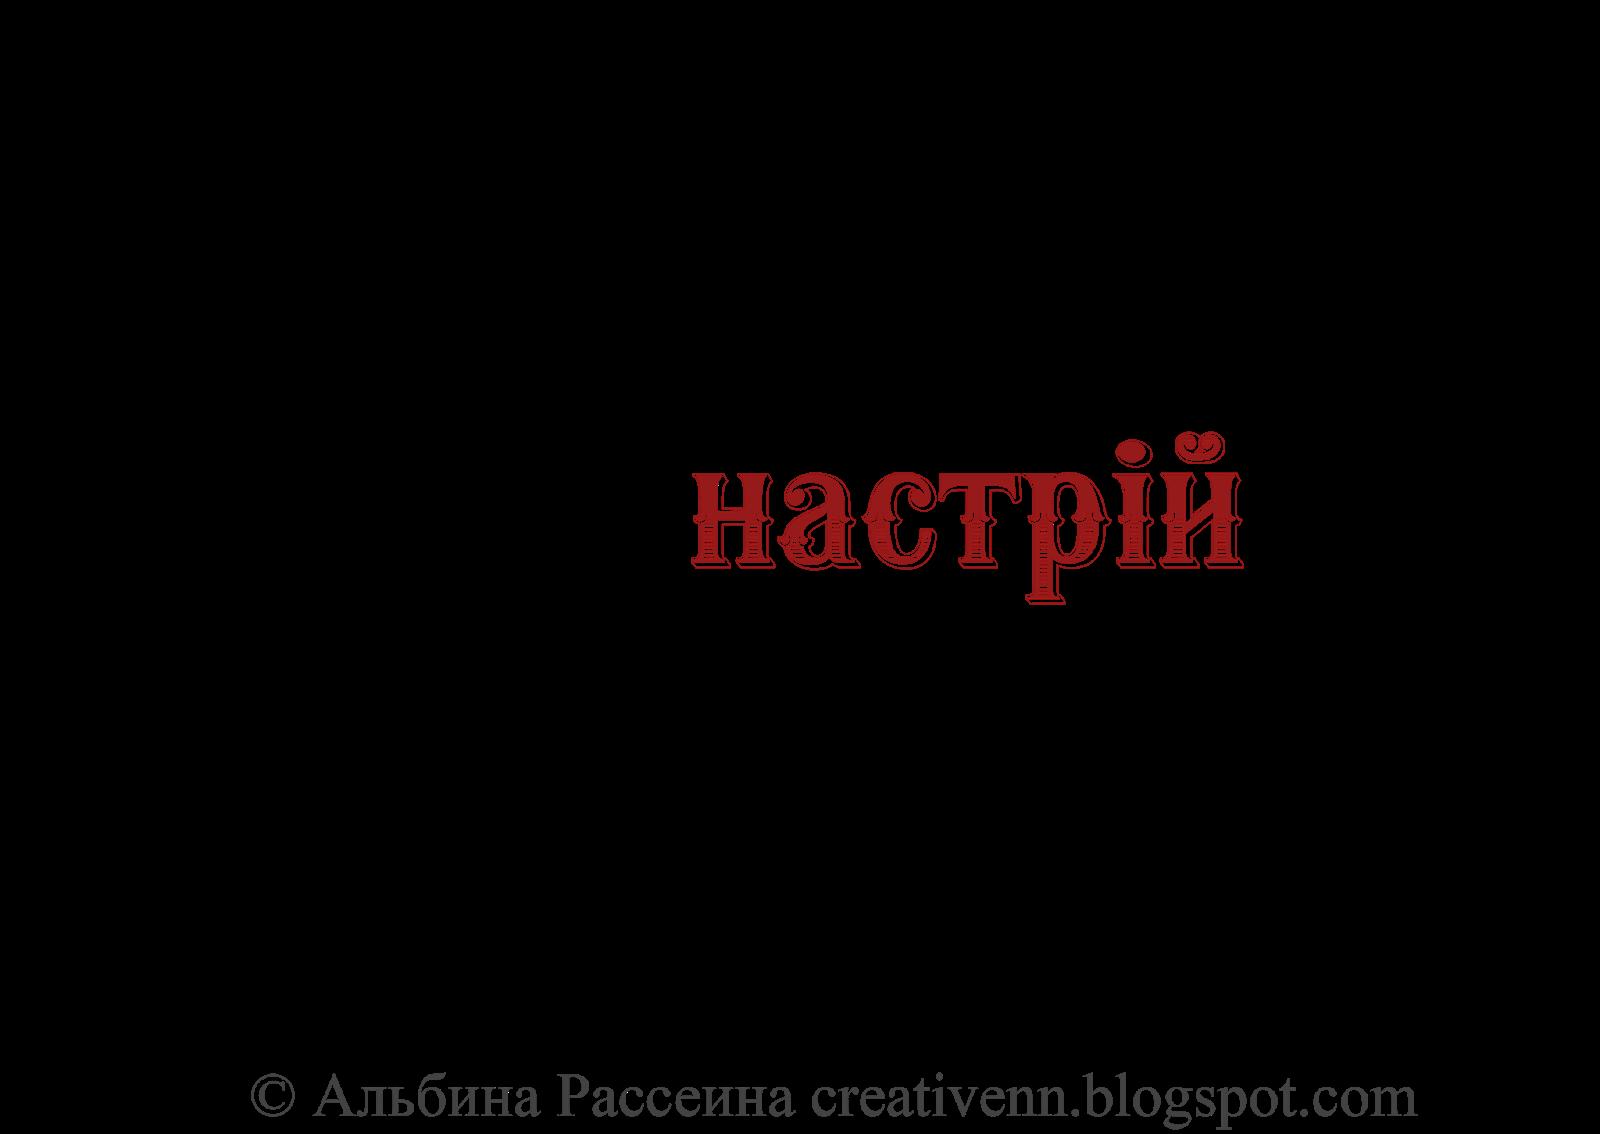 Напис скрапбукінг українською мовою.